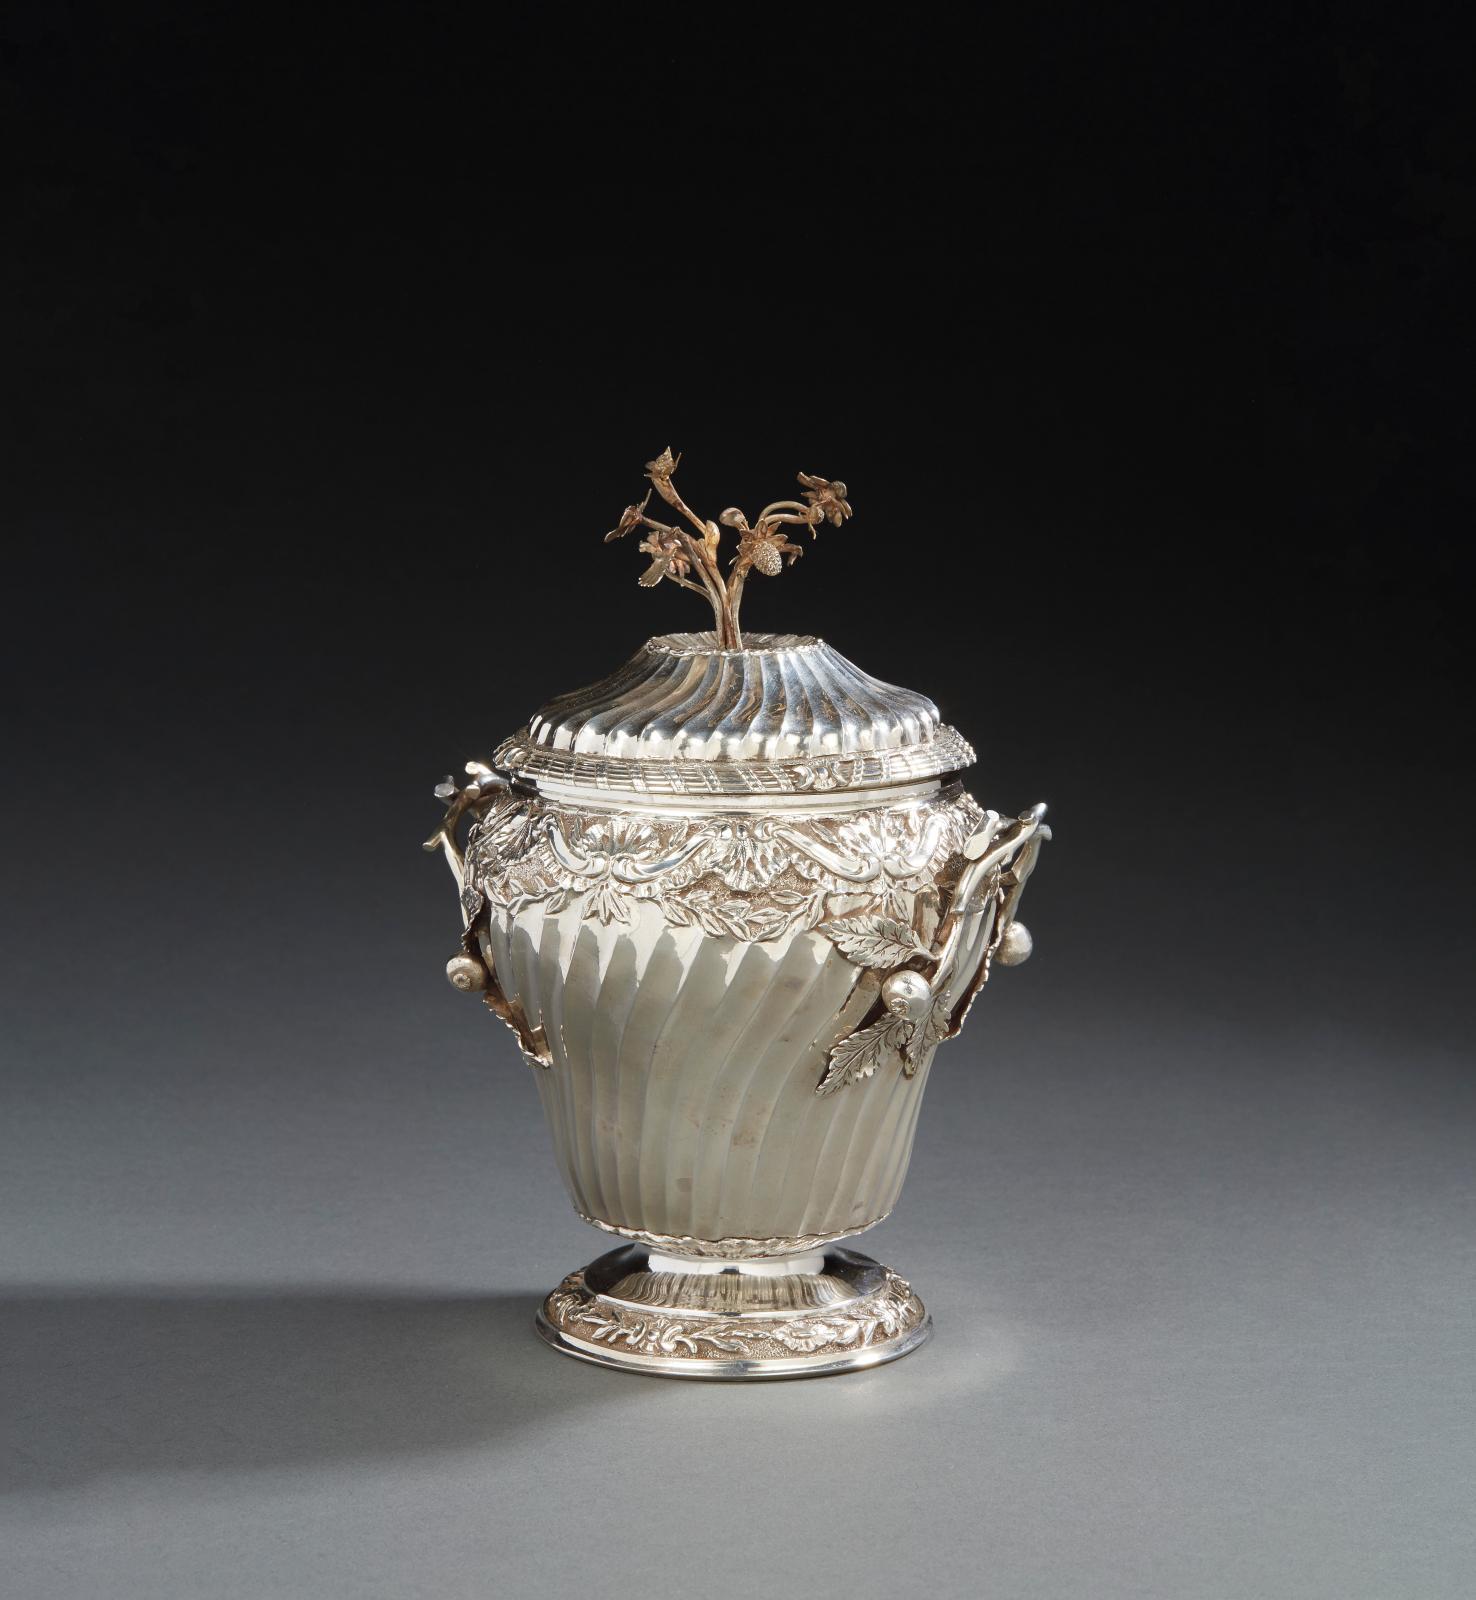 Étienne-François Renard, sucrier à décor ciselé de feuillages et agrafes, les anses ornées de grenades, la graine figurant un bouquet de f